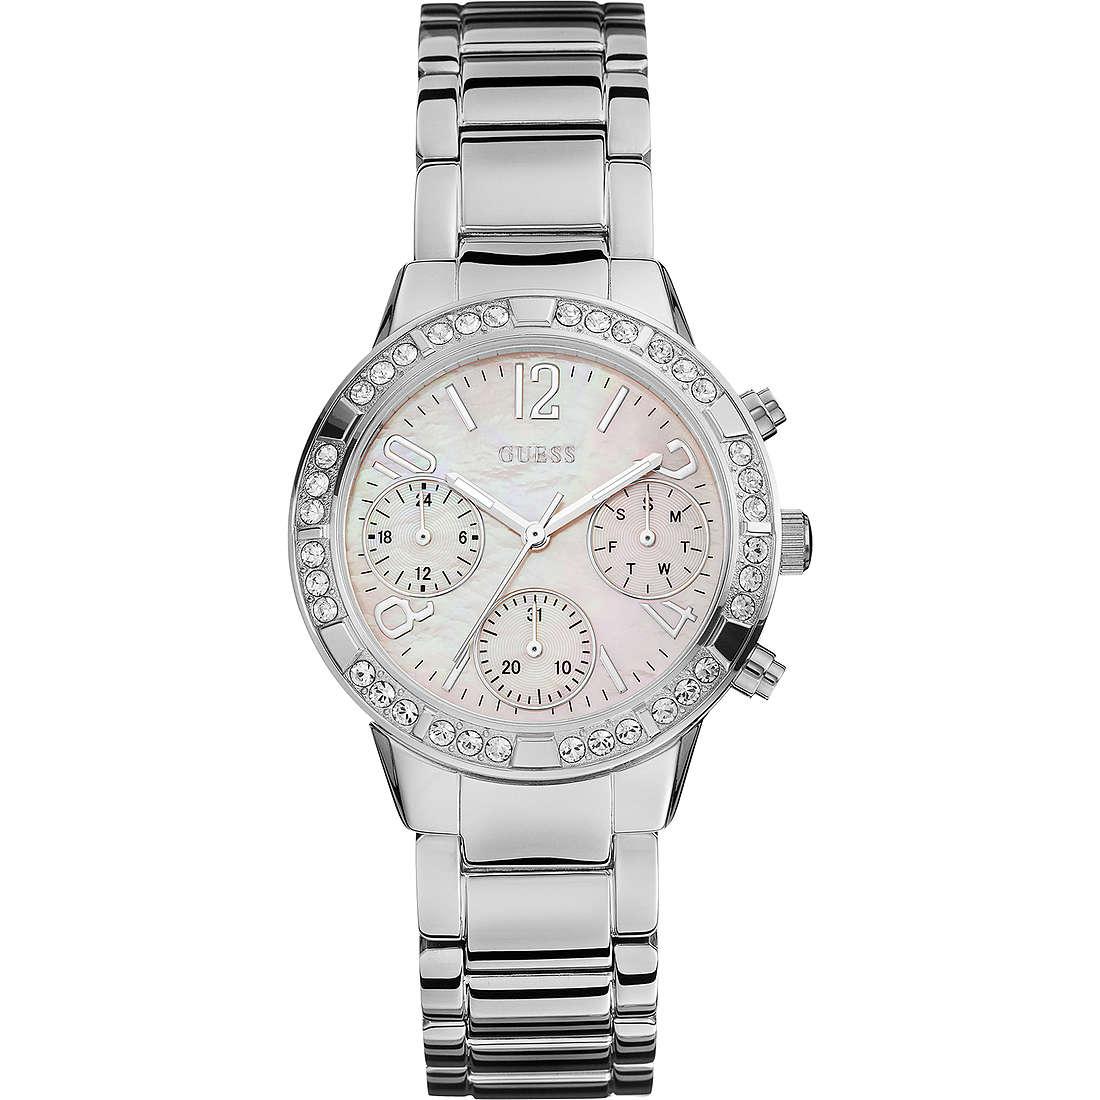 montre multifonction femme Guess Sport-Chic W0546L1